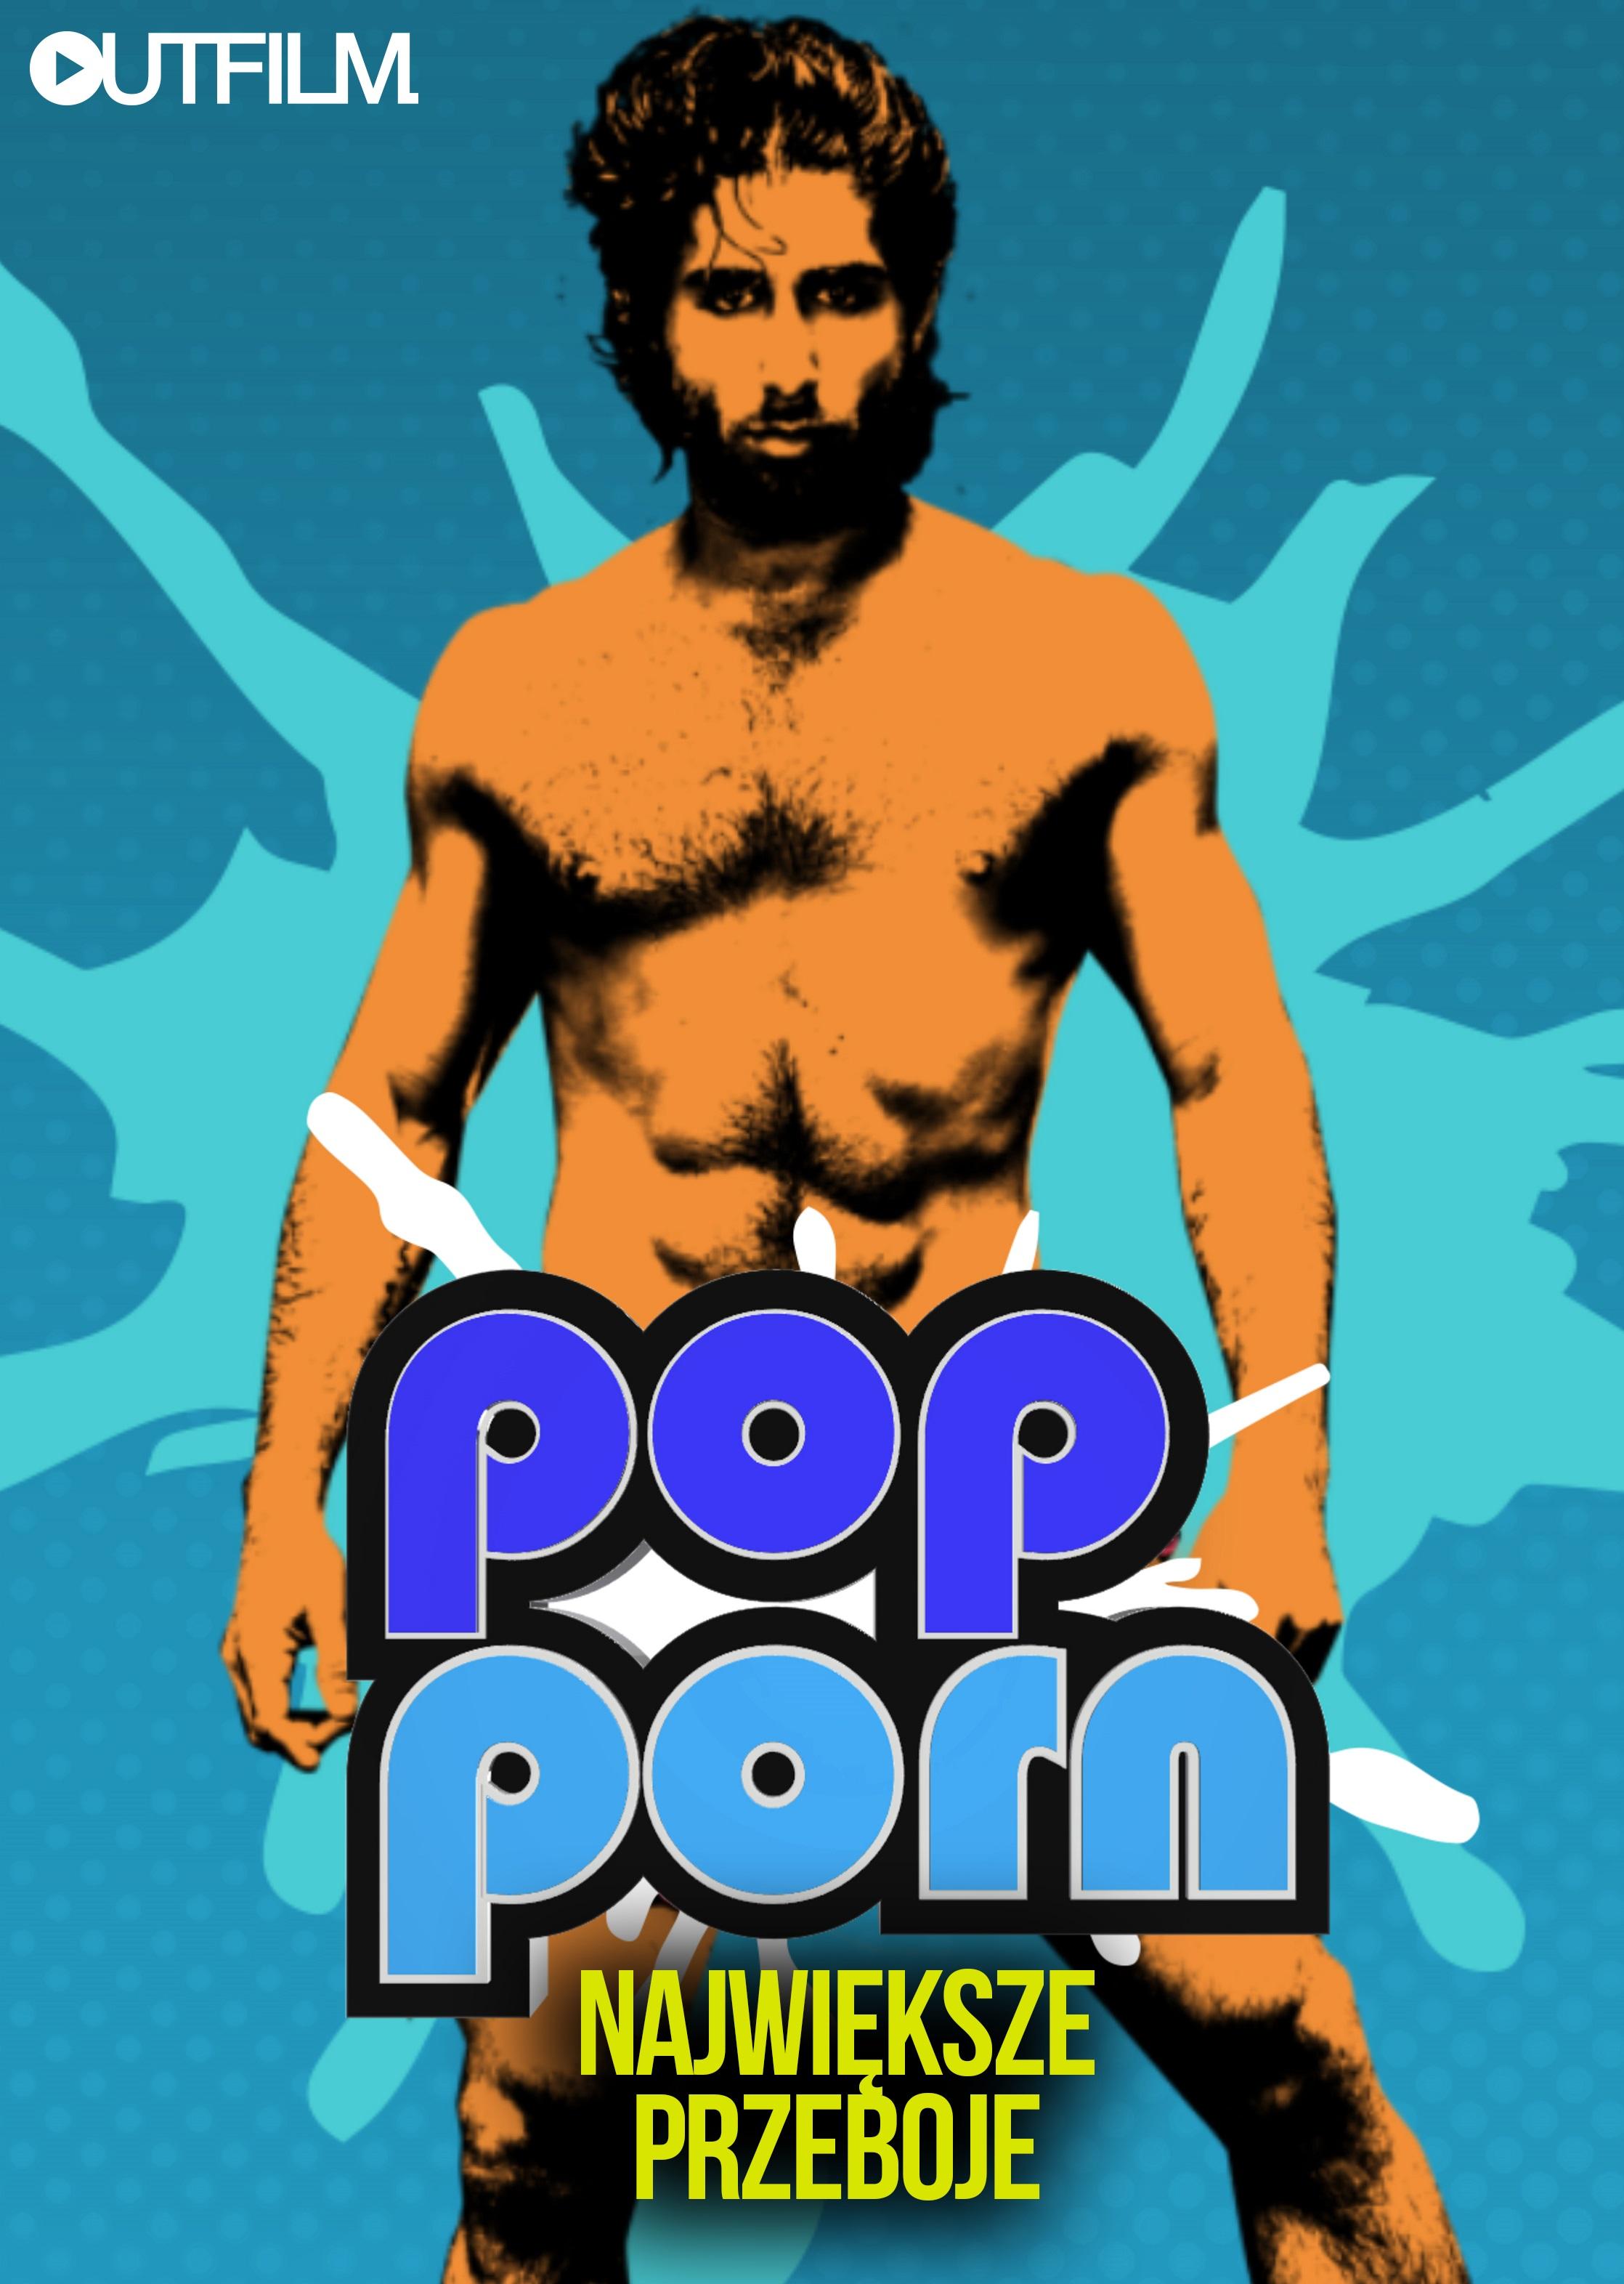 musisz zobaczyć gejowskie pornodarmowy film porno retro